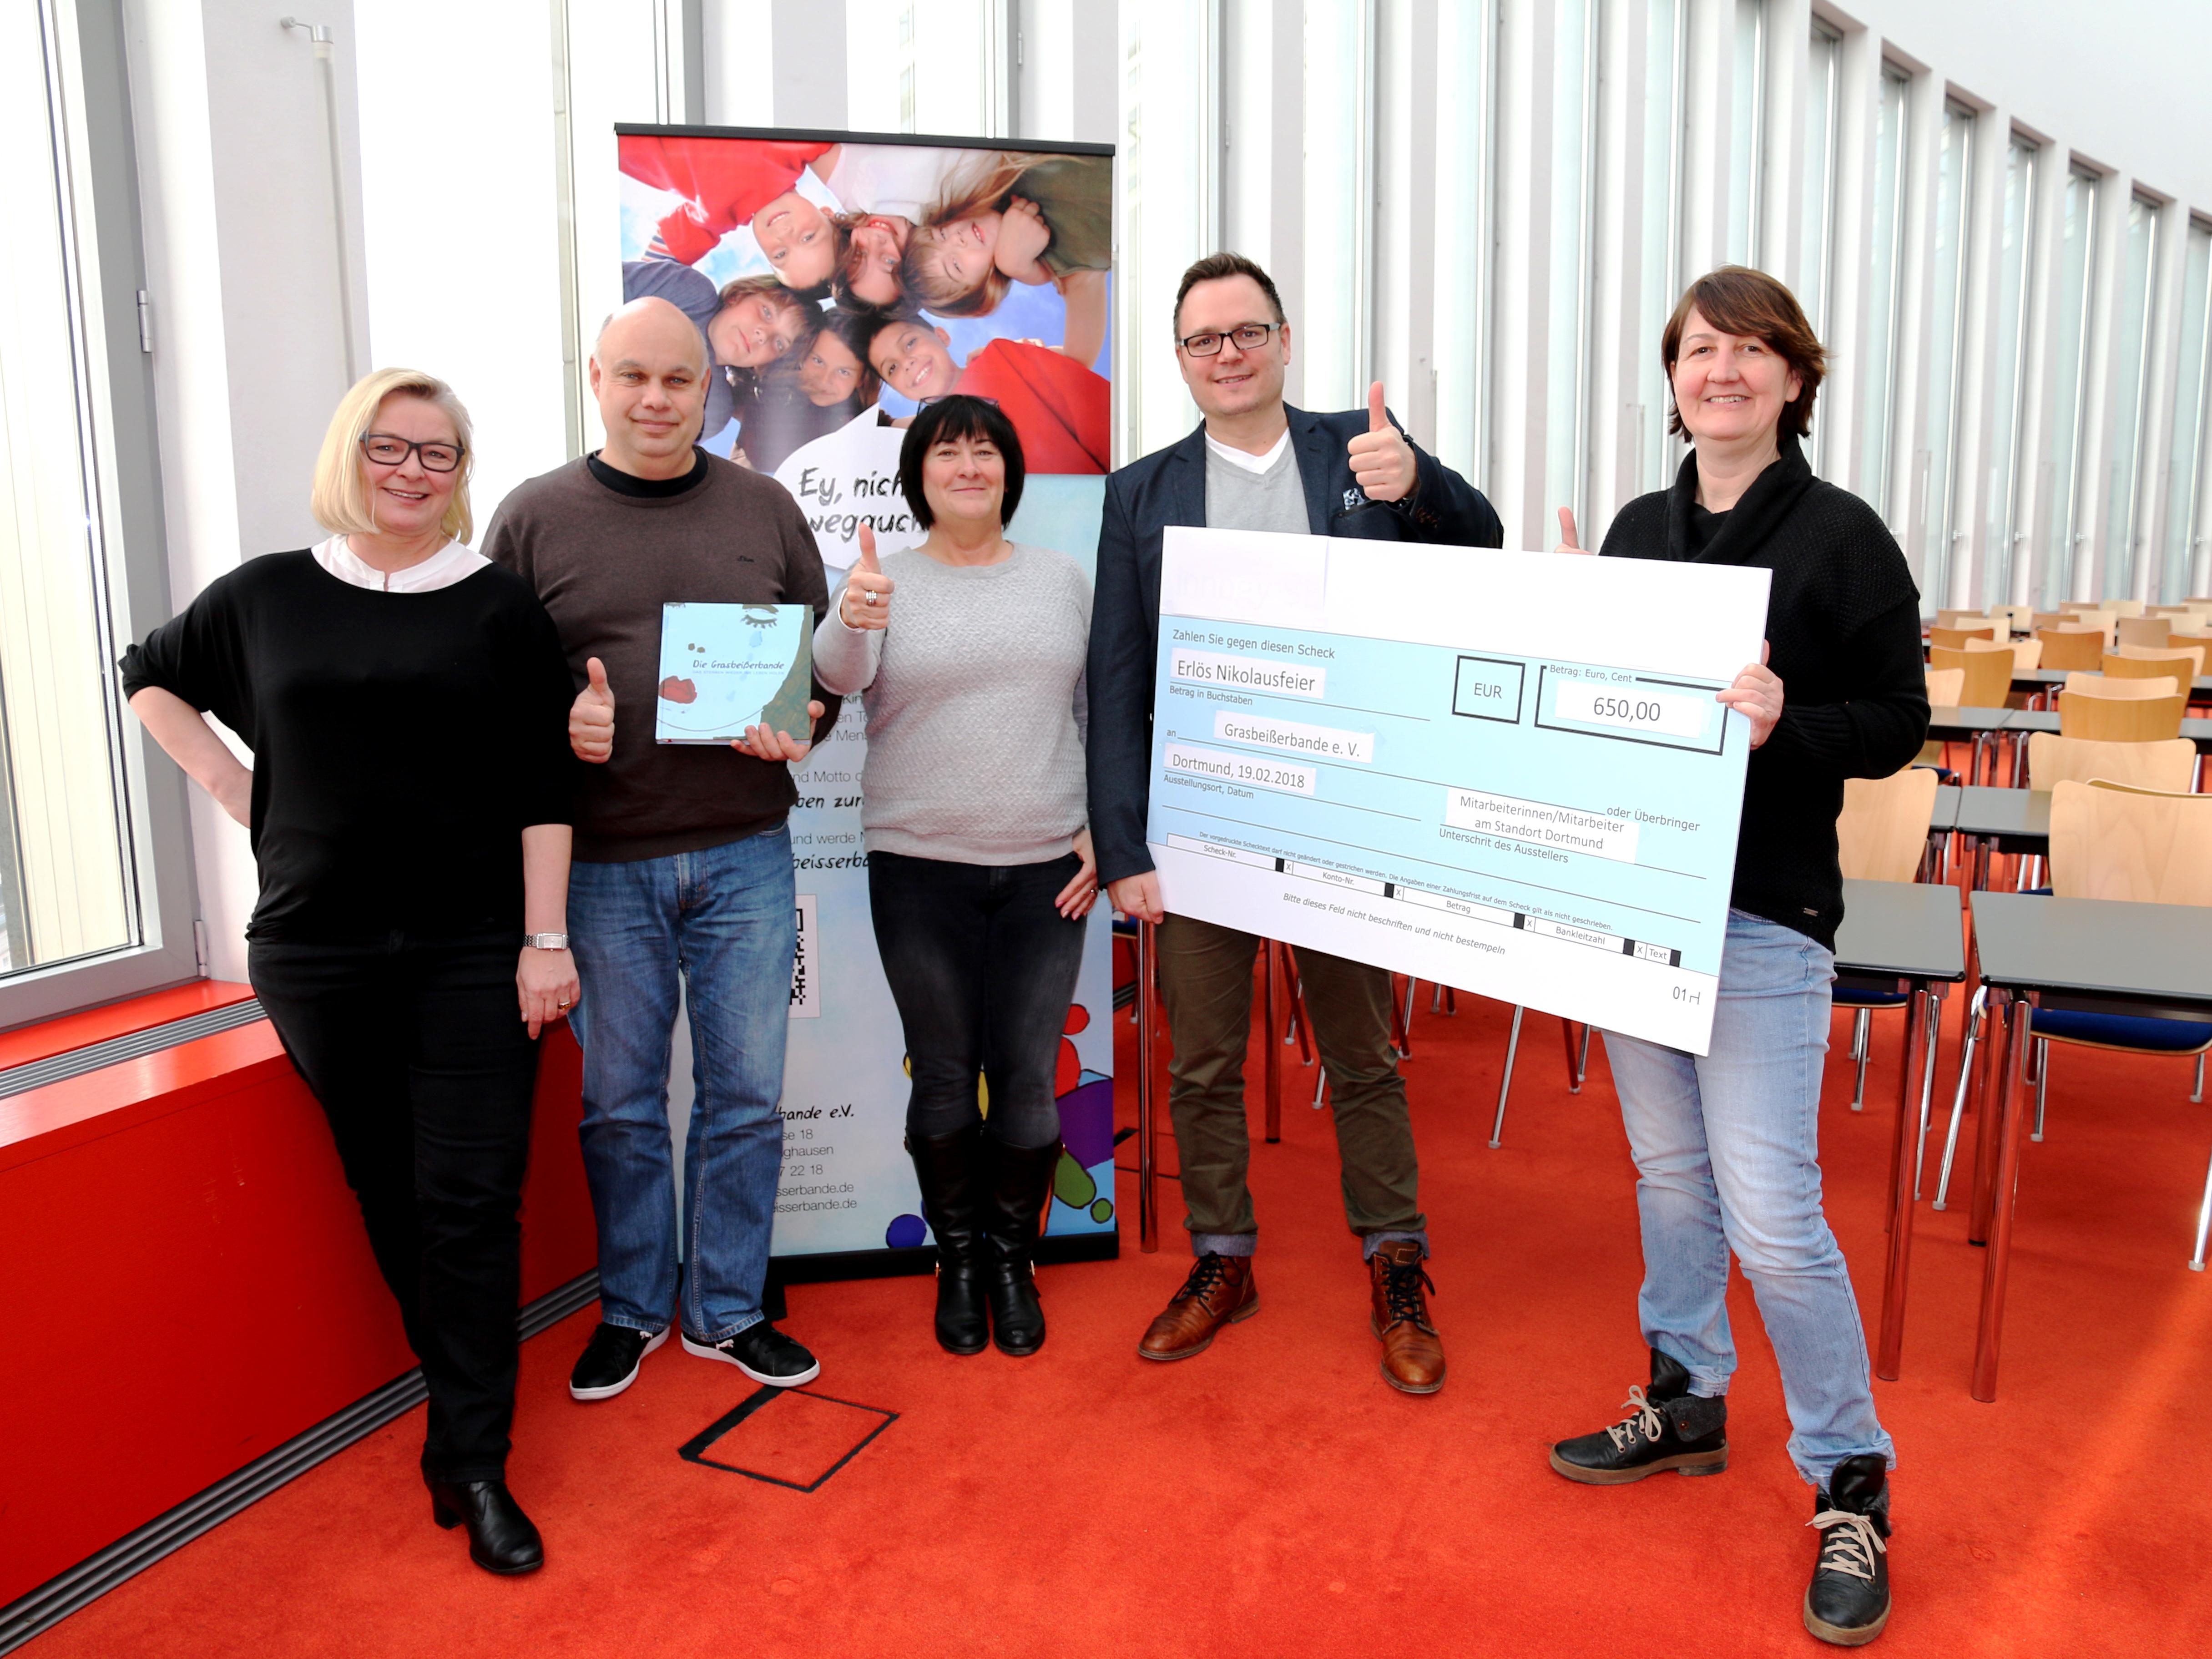 Betriebsräte der innogy SE, der Westnetz GmbH und der Amprion GmbH überreichen die Spende an Karsten Stanberger von der Grasbeißerbande e.V. (2.v.r.).